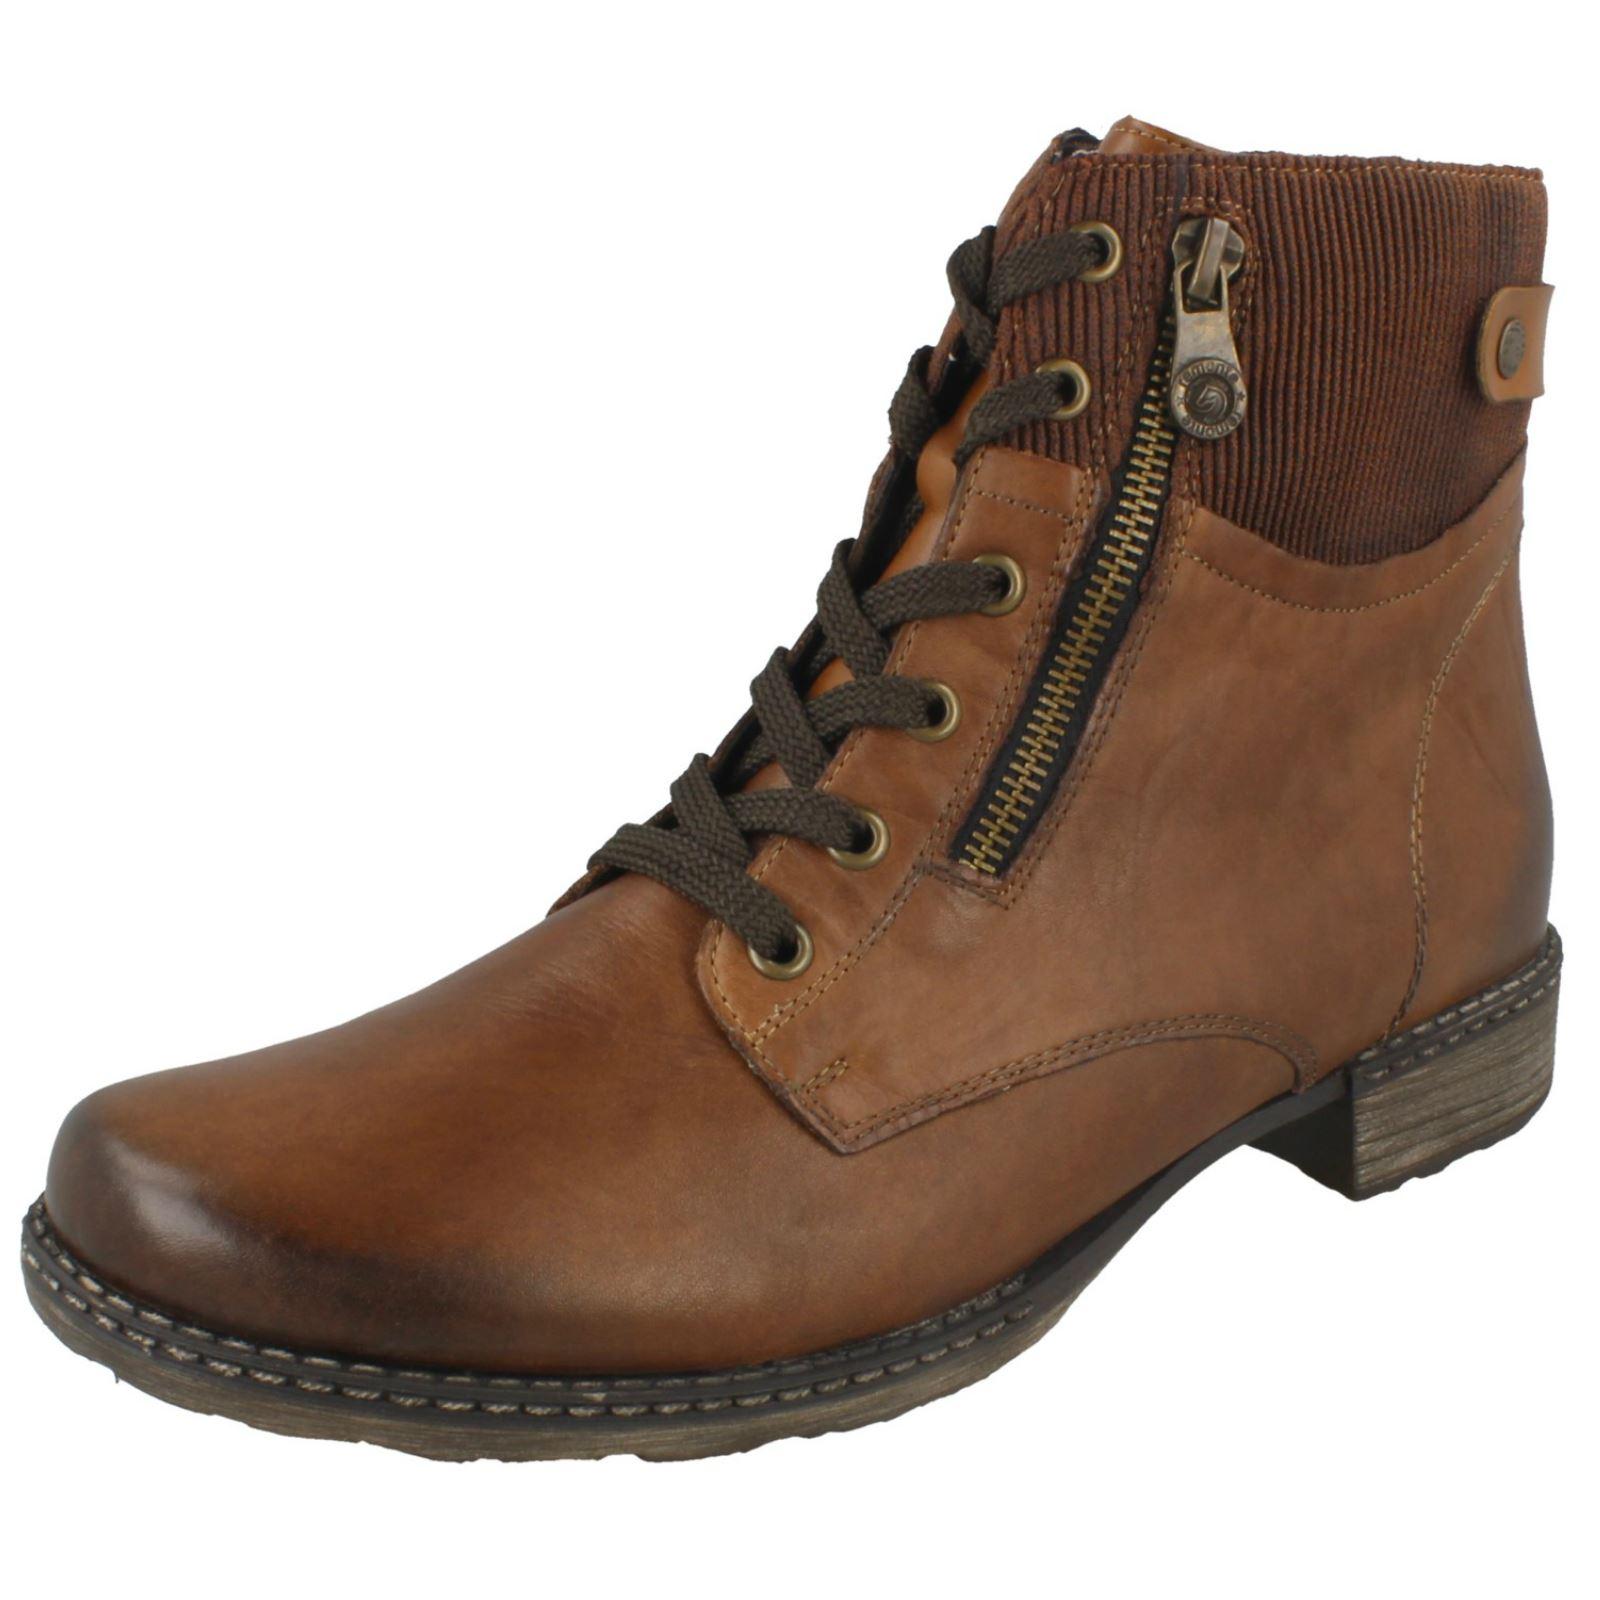 acheter pas cher acheter populaire nouveau concept Details about Ladies Remonte Ankle Boots - D4379